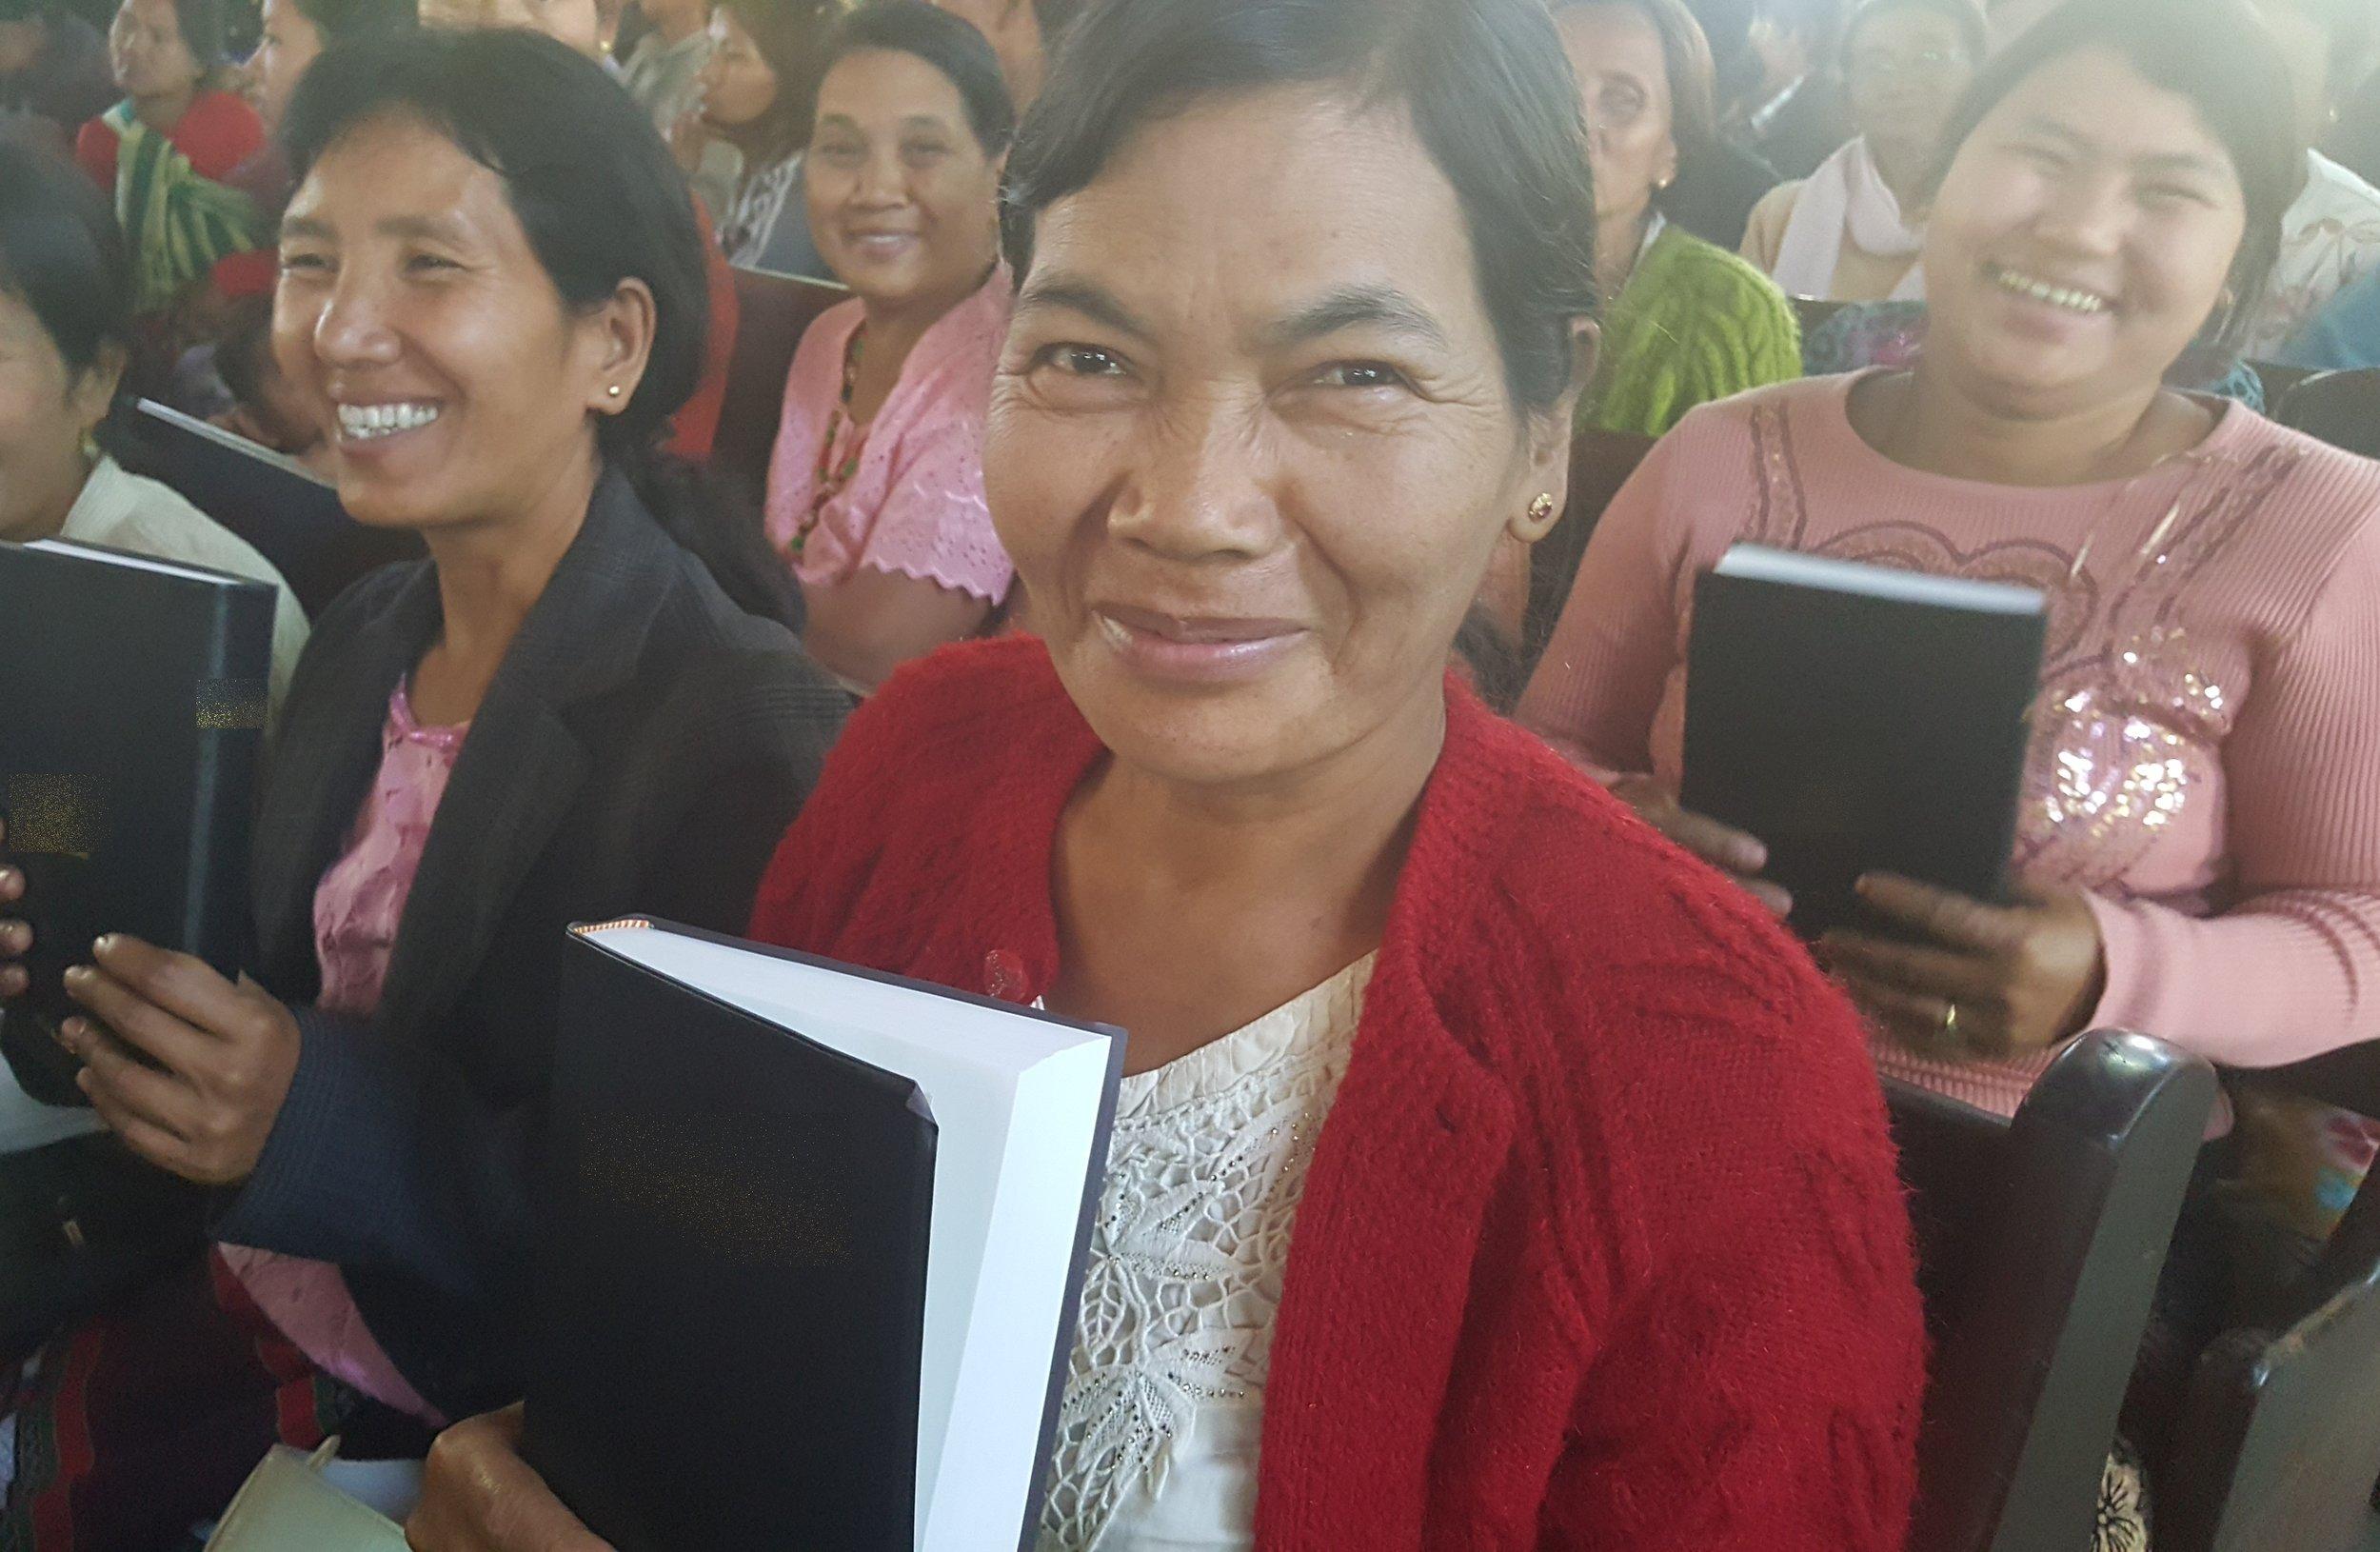 Photo: Hmong children, Shutterstock